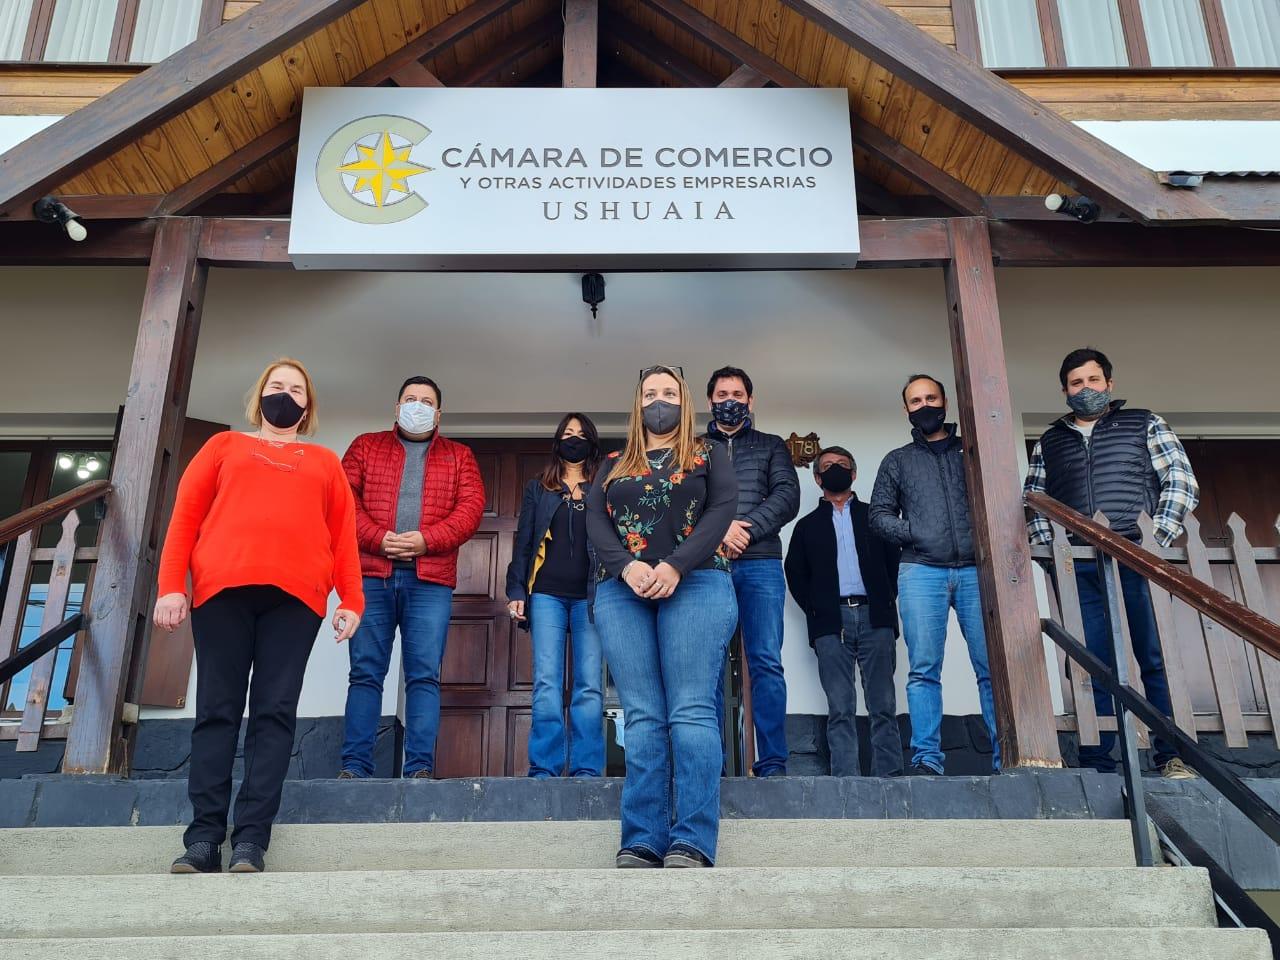 La Cámara de Comercio de Ushuaia se reunió con el Concejal Gabriel De La Vega